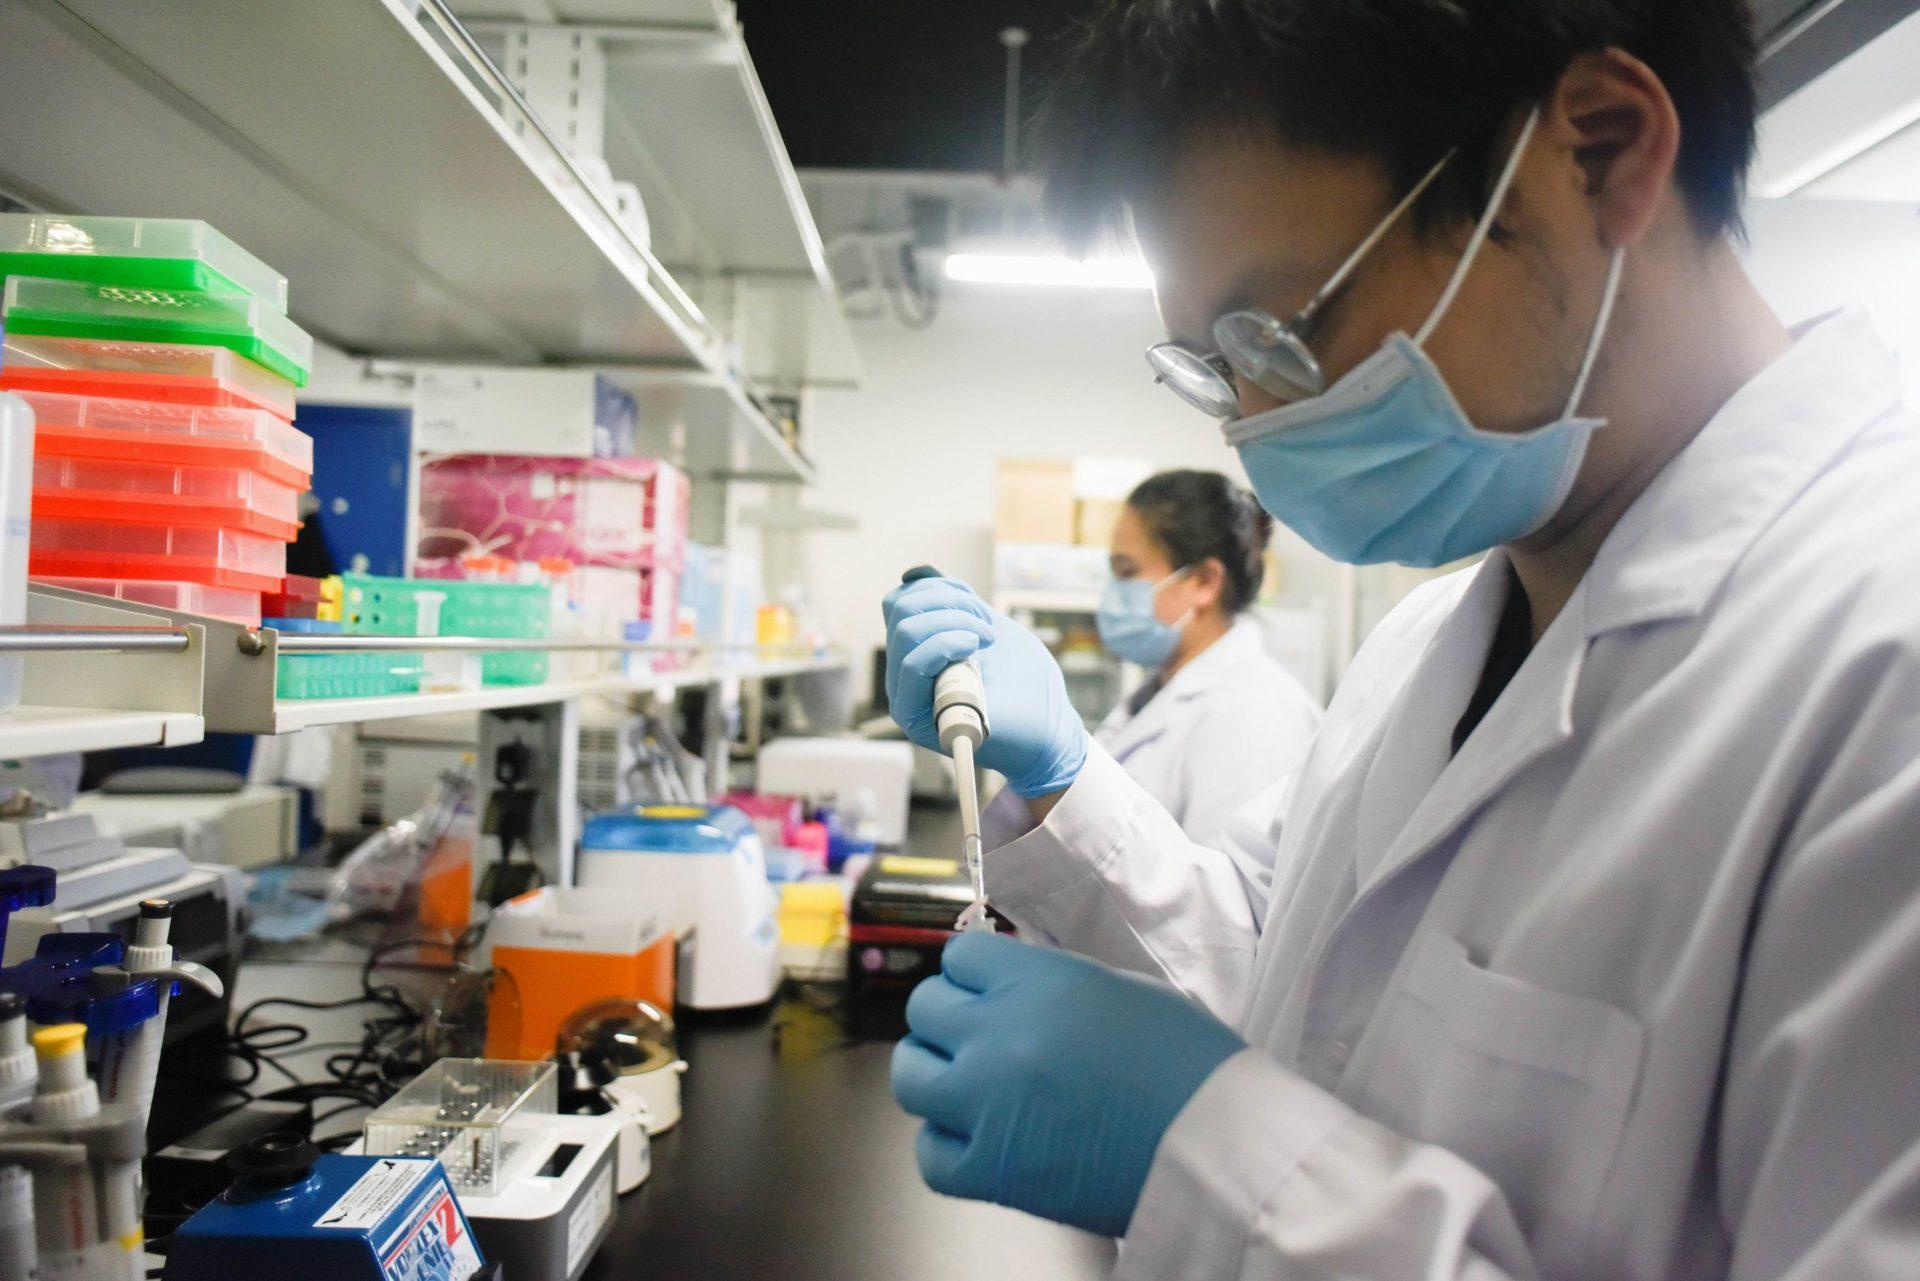 Старые антитела SARS-CoV-2 оказались бесполезными против новых штаммов коронавируса COVID-19